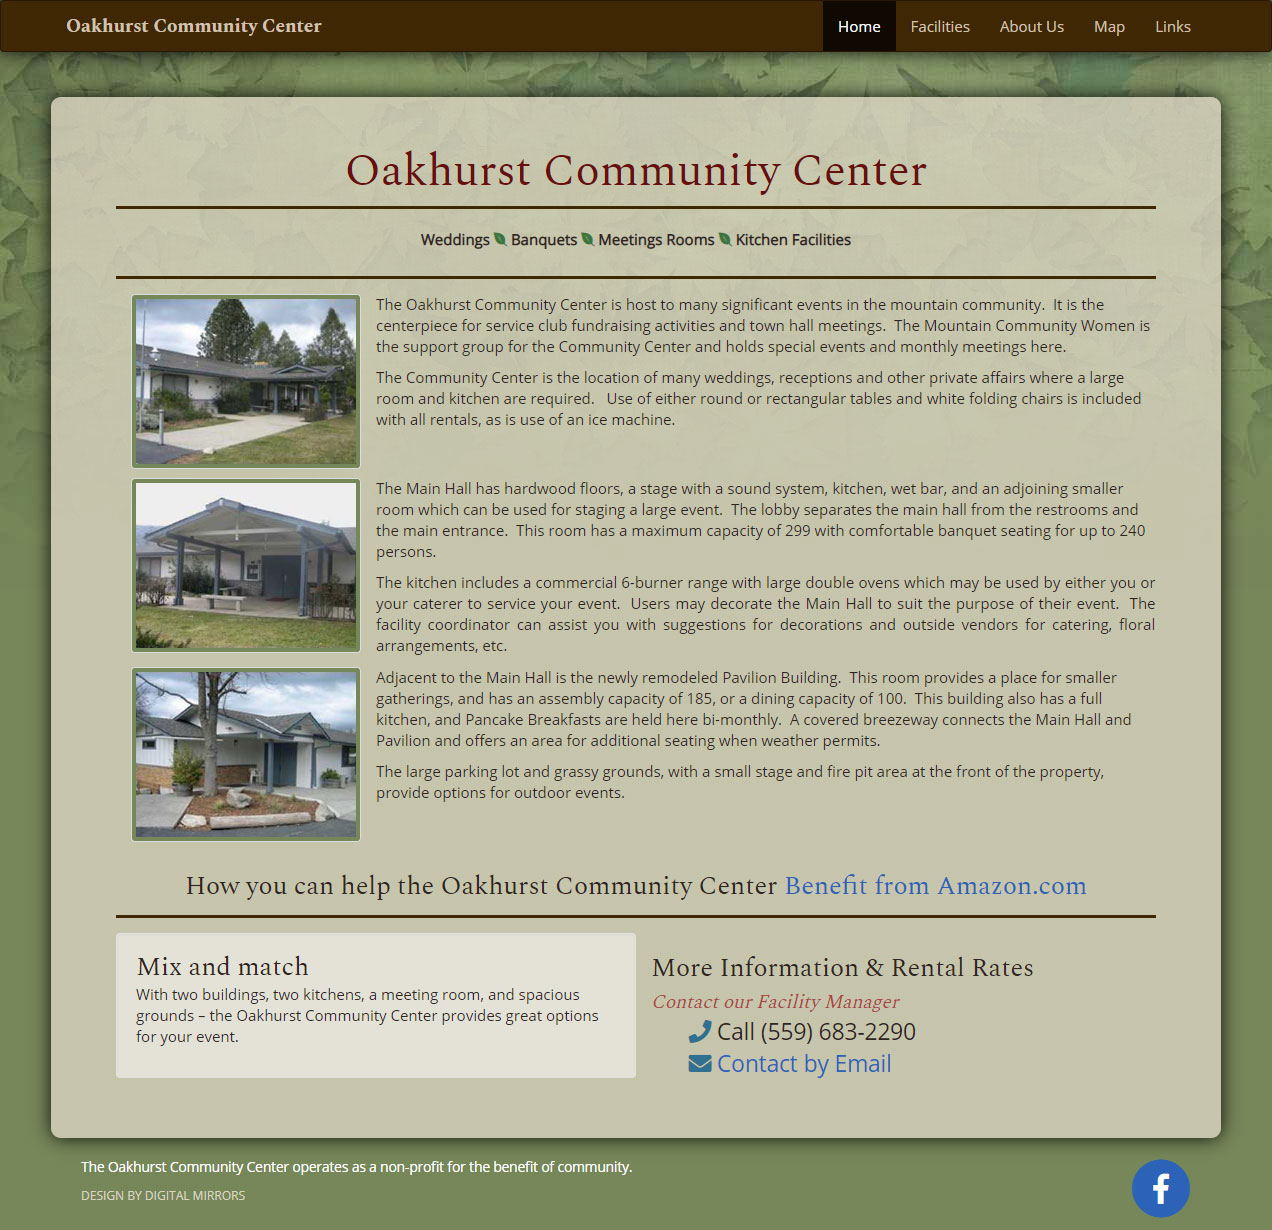 The Oakhurst Community Center website